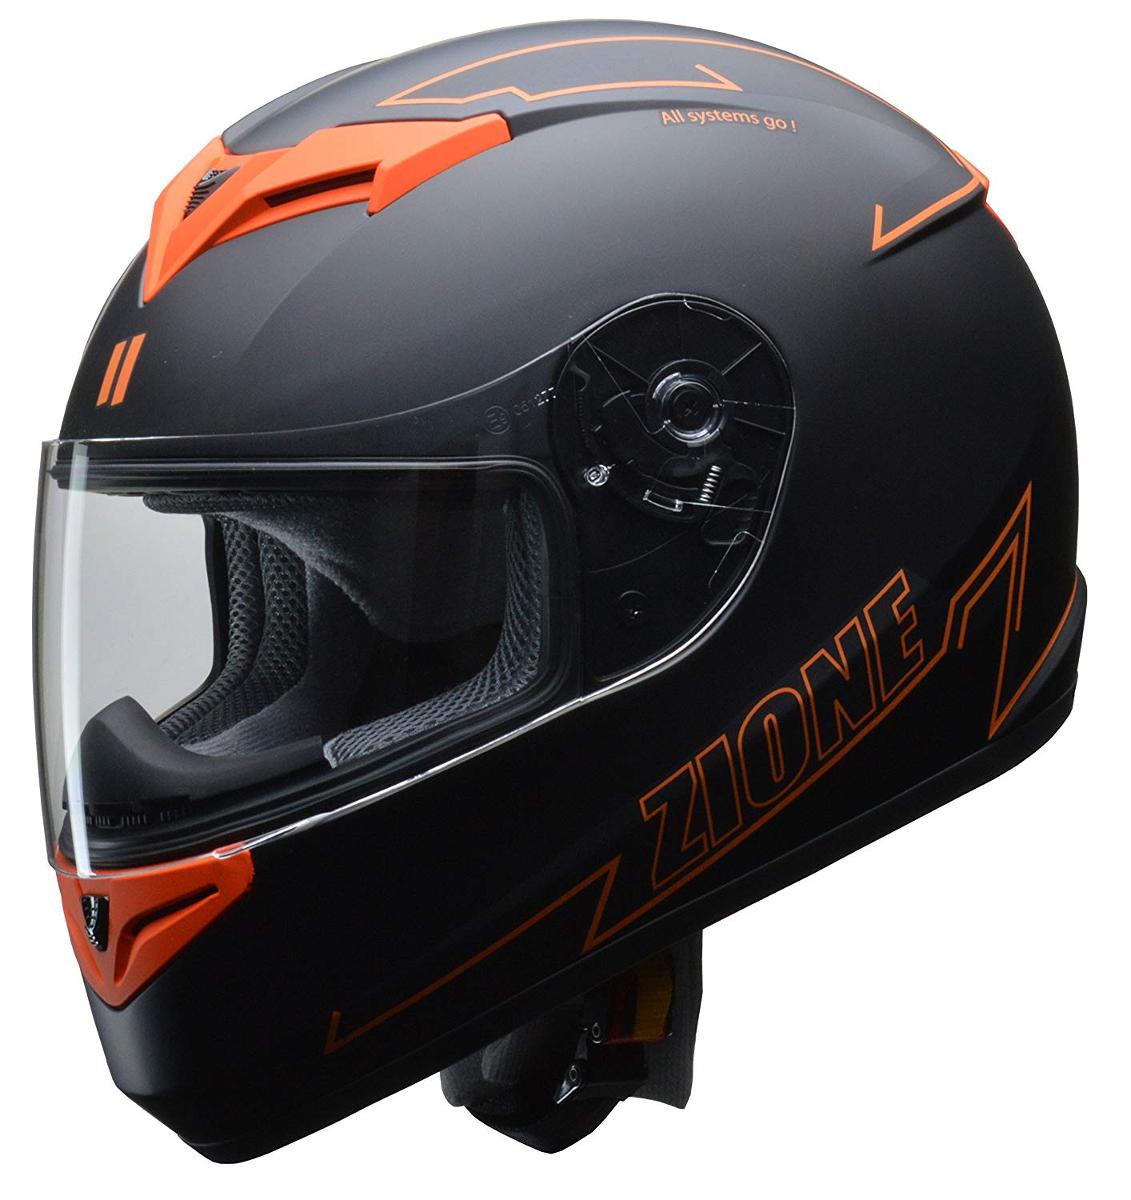 リード工業 フルフェイスヘルメット ZIONE (ジオーネ) オレンジ Mサイズ (57-58cm未満)